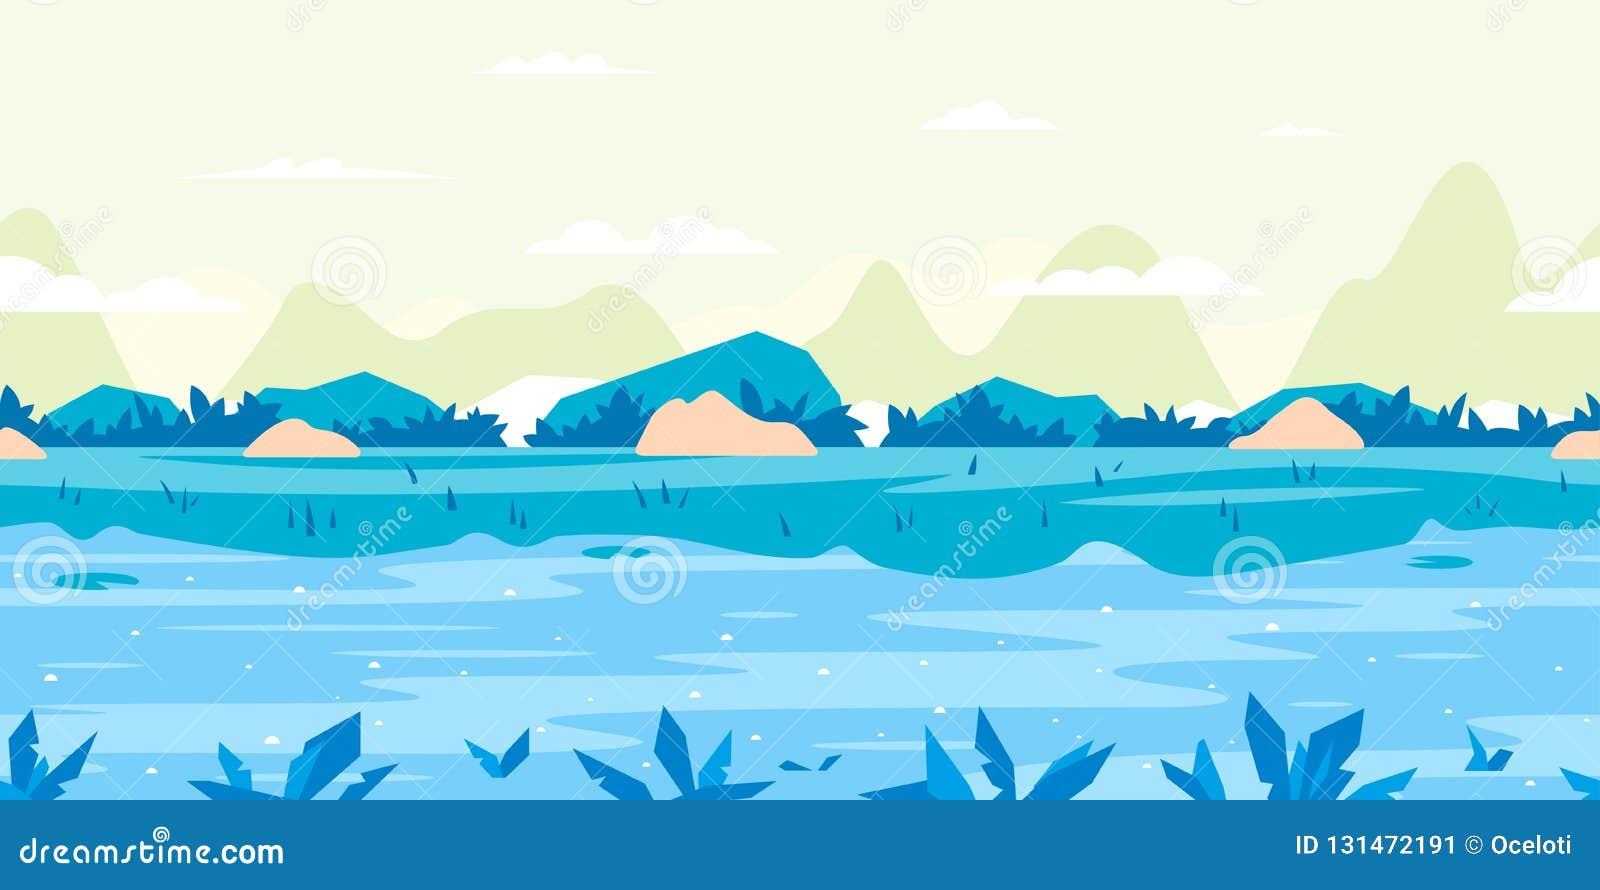 River Flow Game Background Flat Landscape